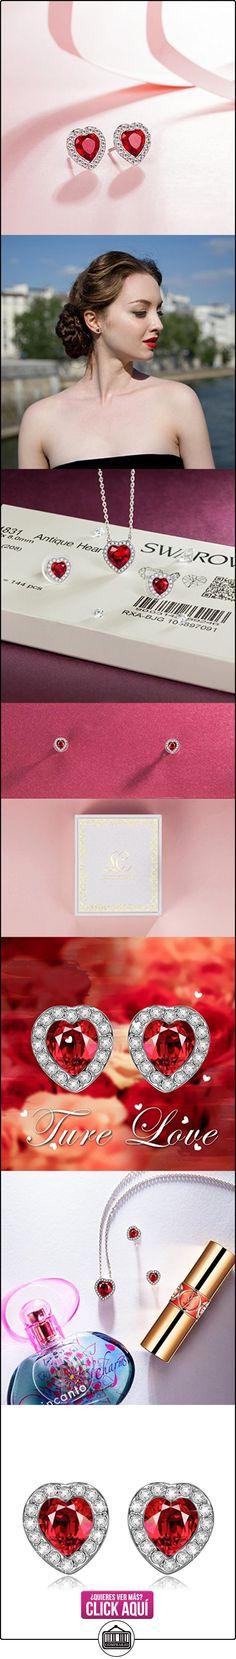 Lady colour Pasion Pendientes mujer con cristales de Swarovski rojo corazon joyeria arete regalos cumpleanos regalos dia de la madre regalos de san valentin regalos de Navidad color plata  ✿ Joyas para mujer - Las mejores ofertas ✿ ▬► Ver oferta: https://comprar.io/goto/B01BV6KXTO